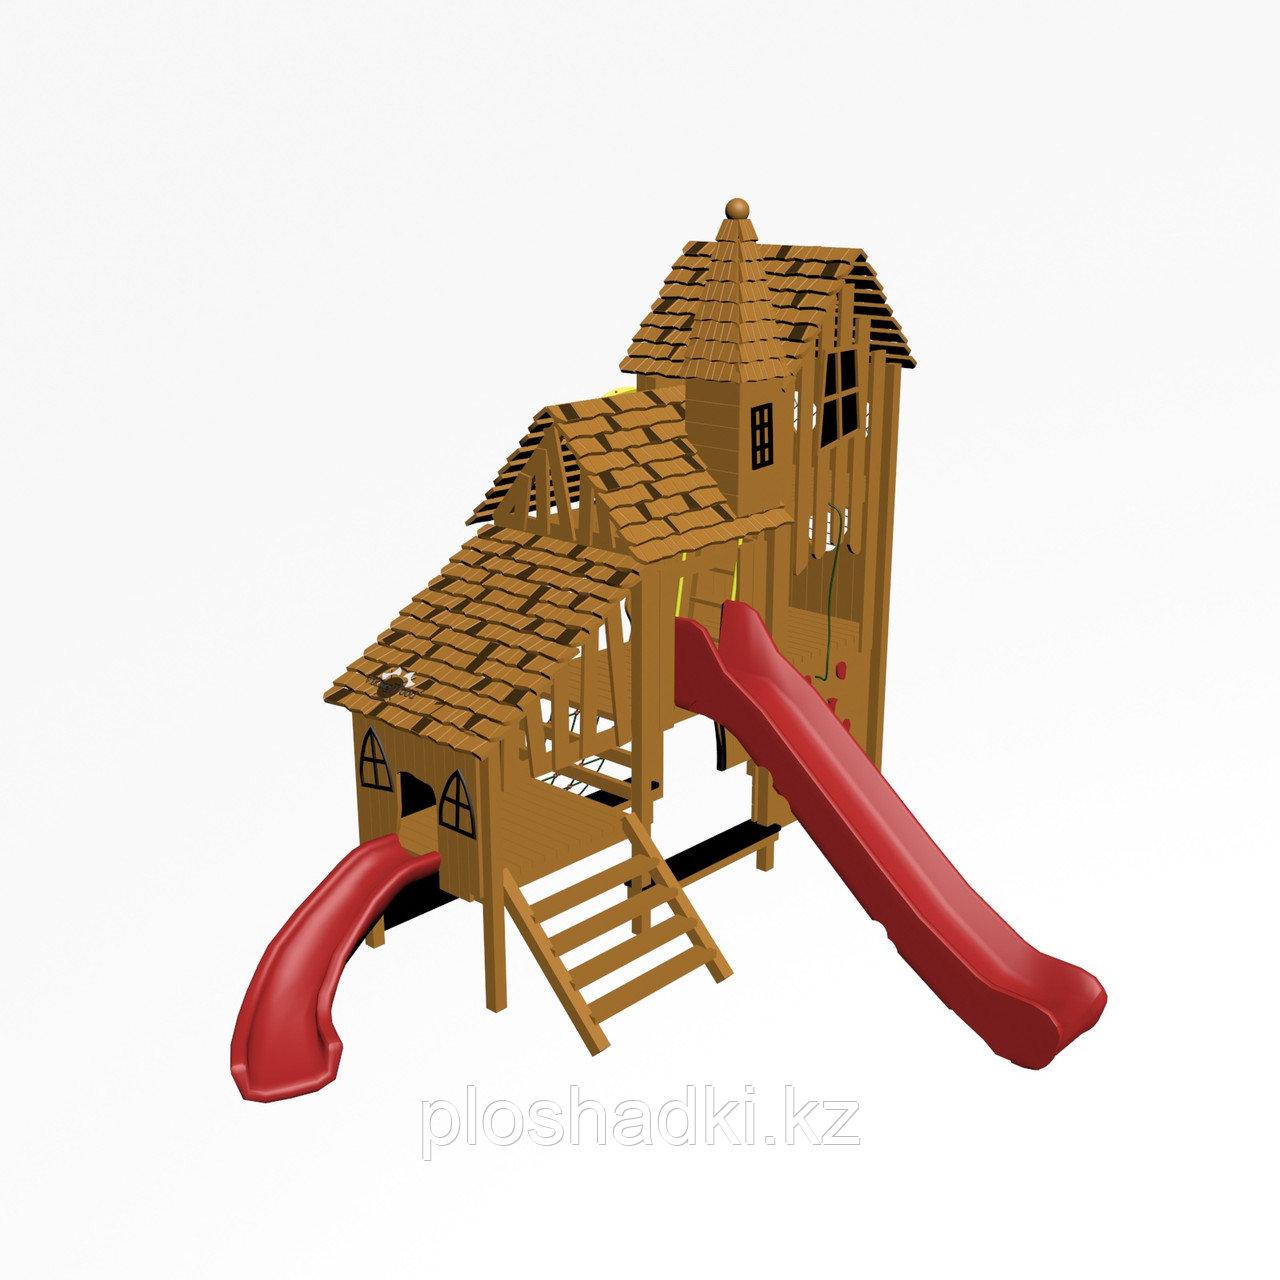 """Игровой комплекс """"Тироль 1"""", канатная сетка, скаты, доска для рисования, скамейки, крыша деревянная"""